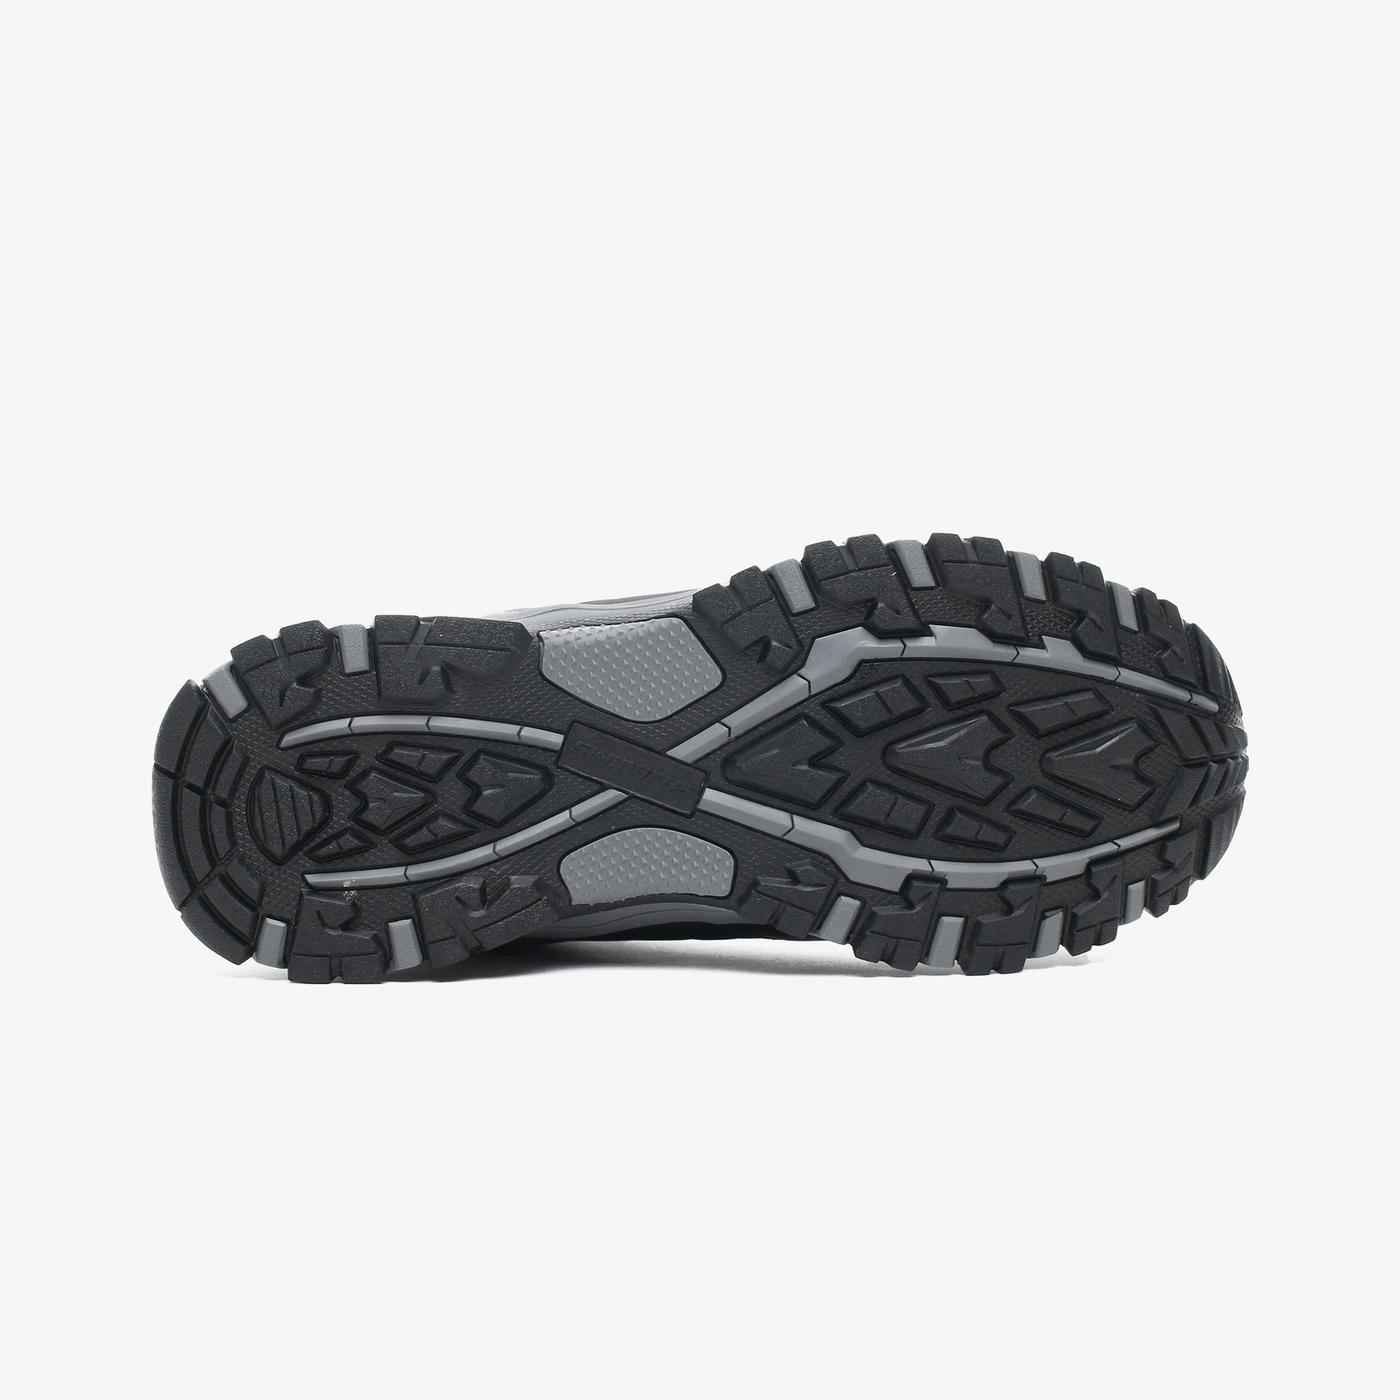 Skechers Selmen - Telago Erkek Siyah Spor Ayakkabı